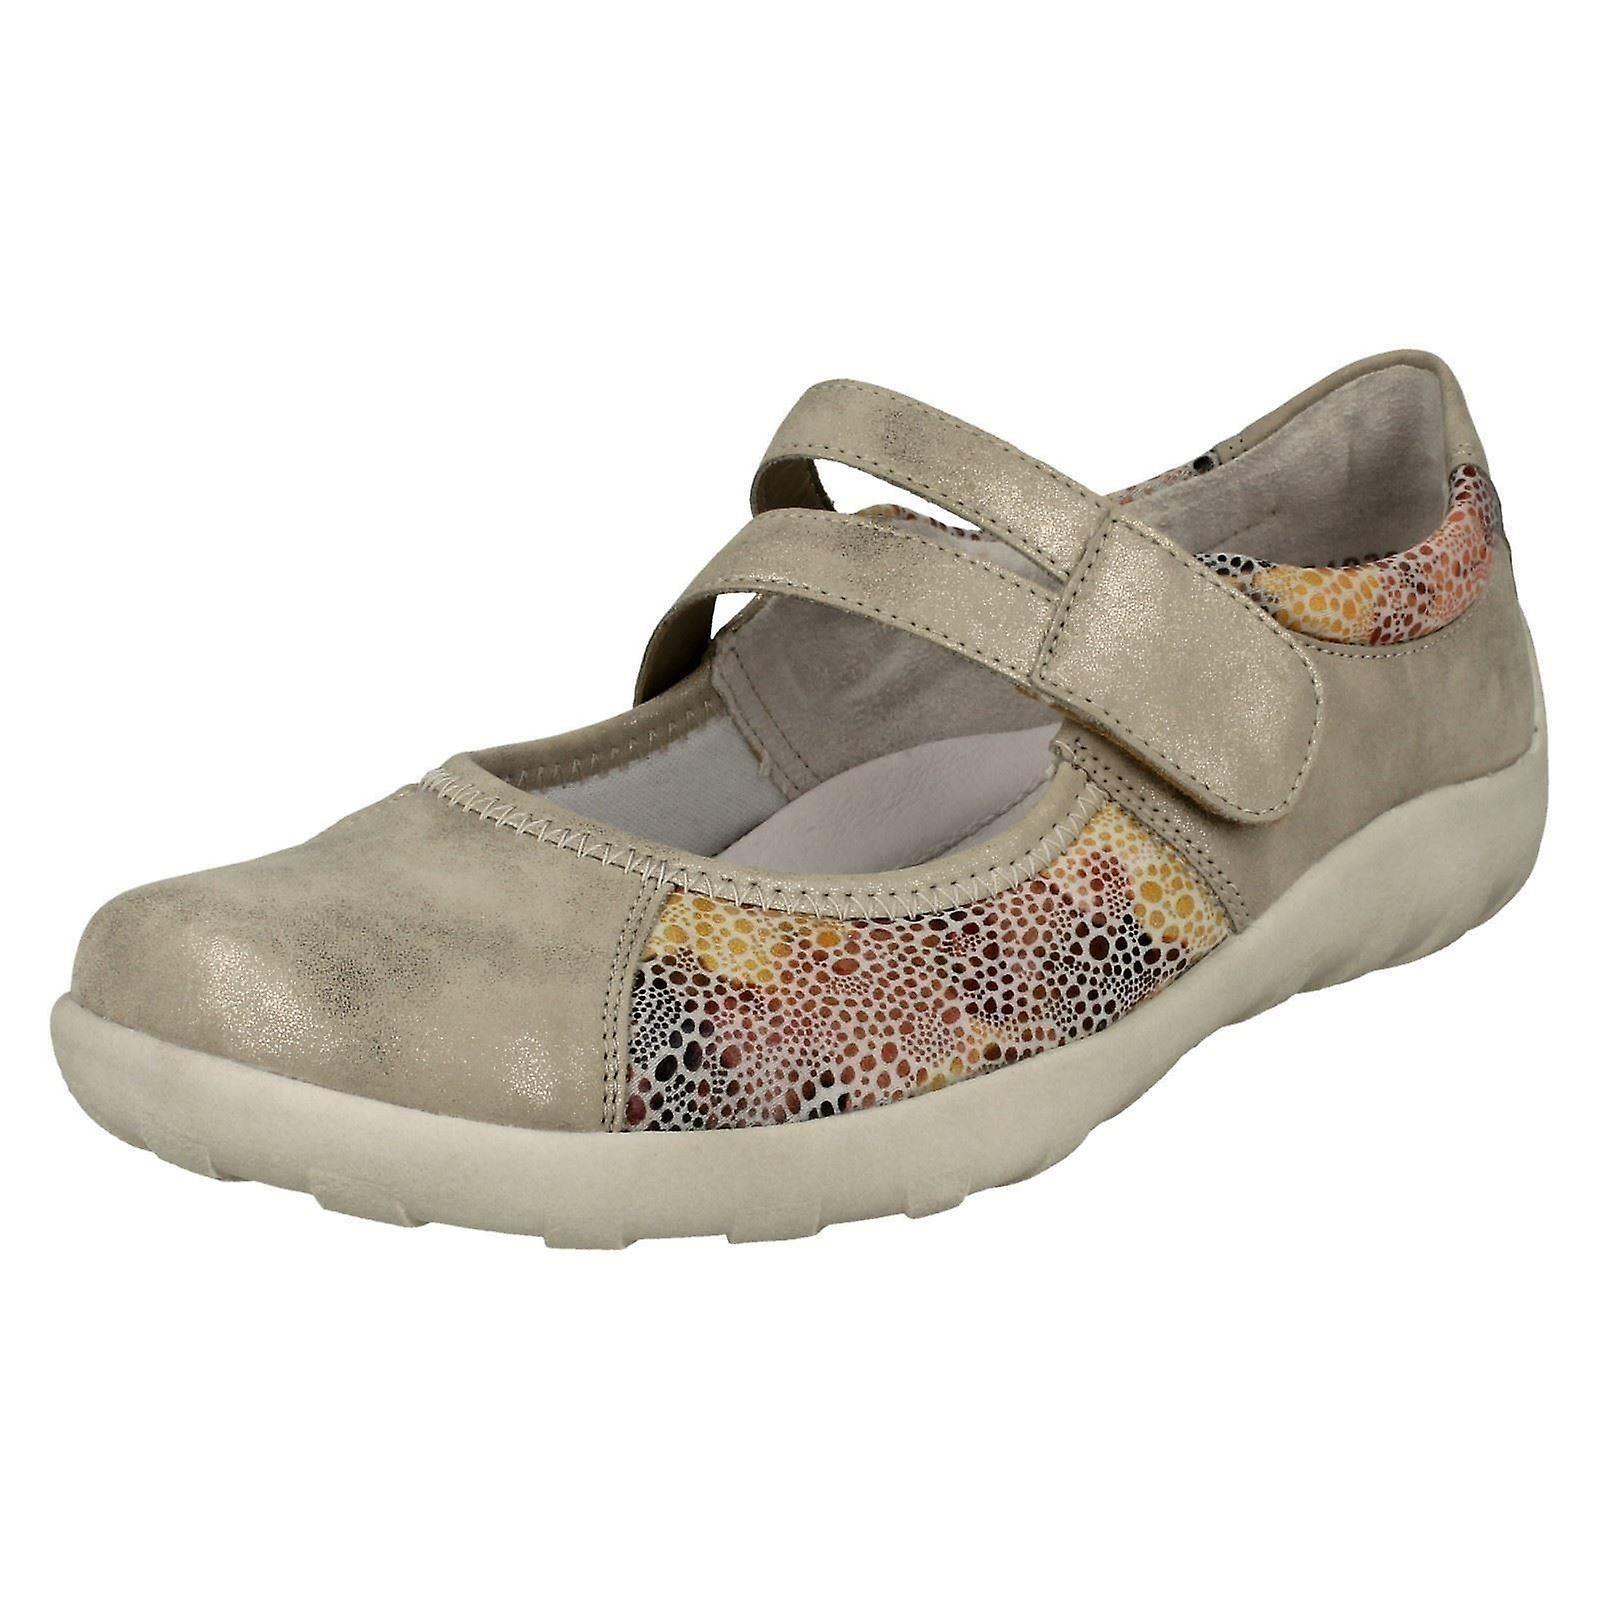 Ladies Remonte Flat Casual Shoes R3510 wFTxm